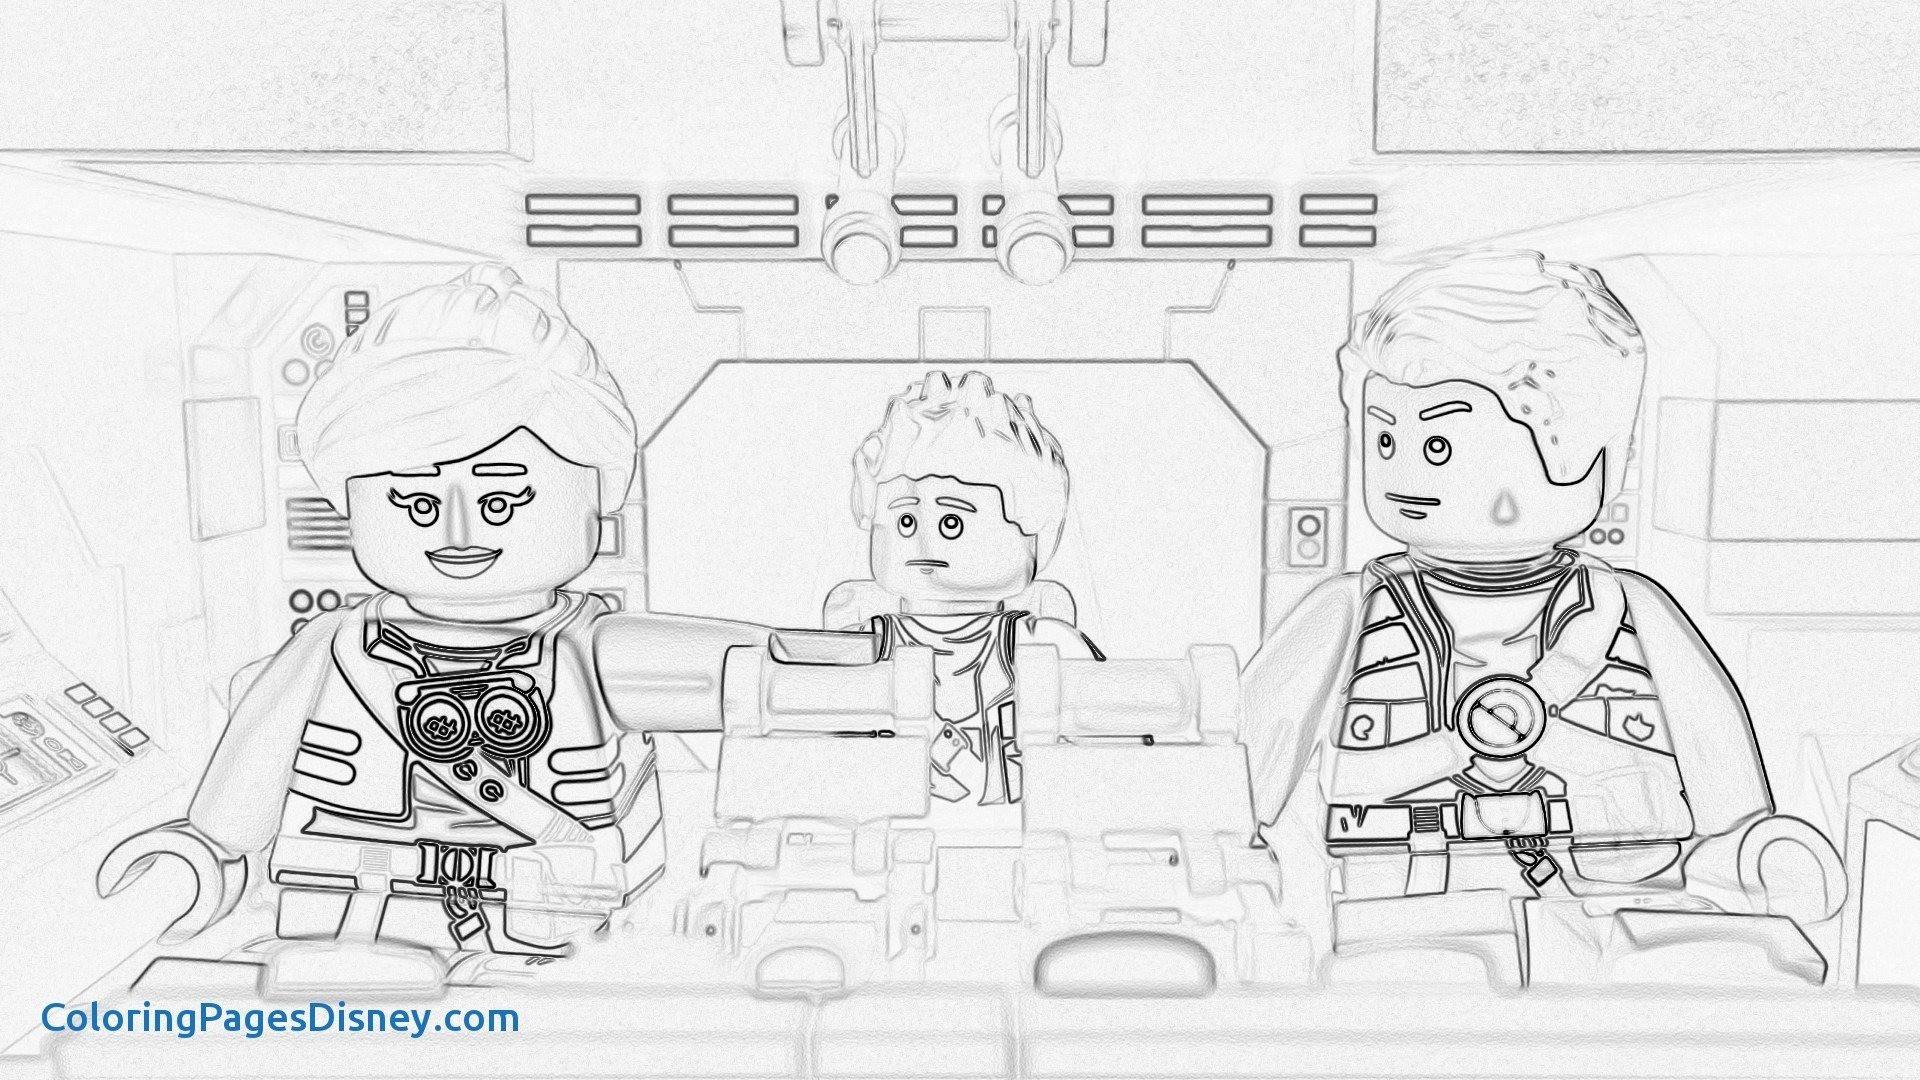 Star Wars Ausmalbilder General Grievous Inspirierend Eine Sammlung Von Färbung Bilder Lego Ninjago Ausmalbilder Schön Bilder